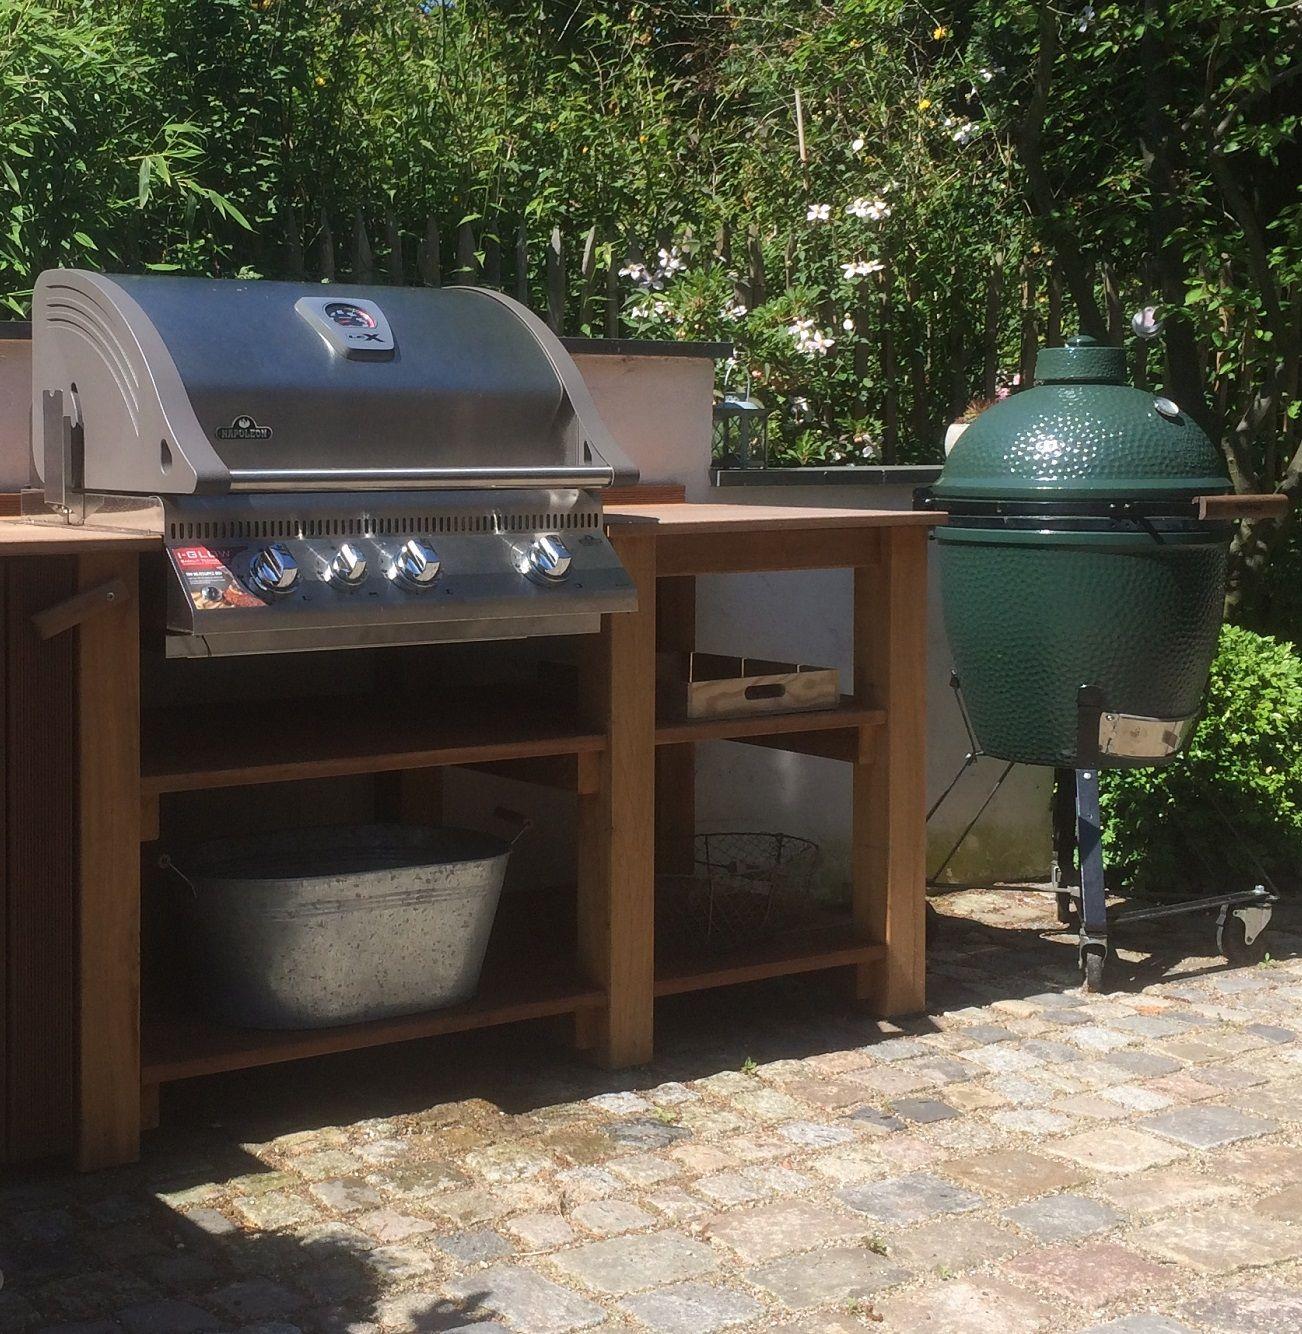 eine outdoorküche im sommer ist einfach etwas ganz besonderes. für, Hause deko